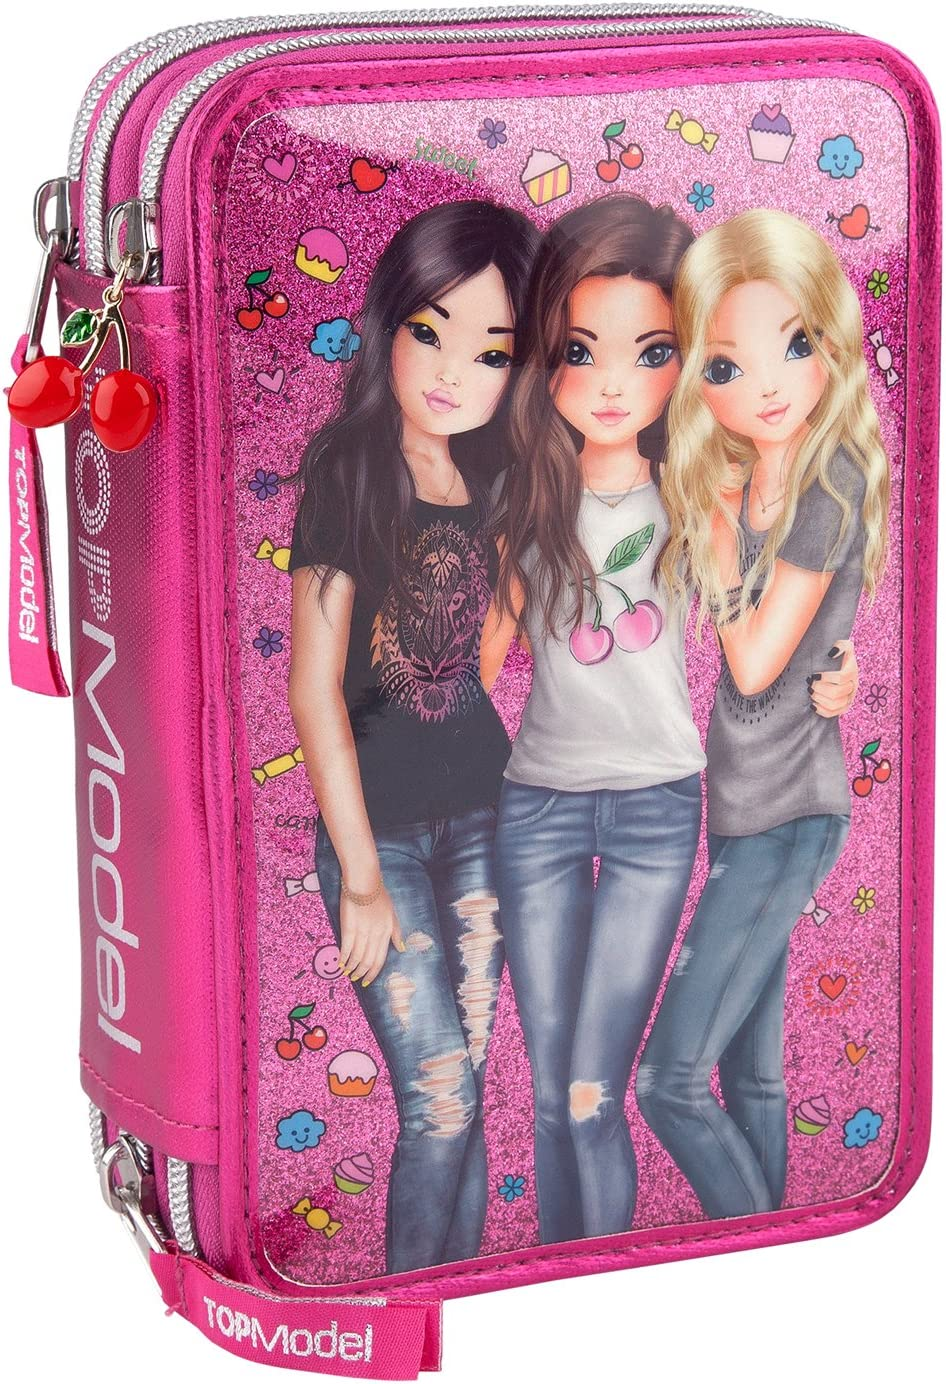 Depesche 8722 Top Model Friends - Estuche, 3 compatimentos, Relleno, Surtido: Amazon.es: Juguetes y juegos